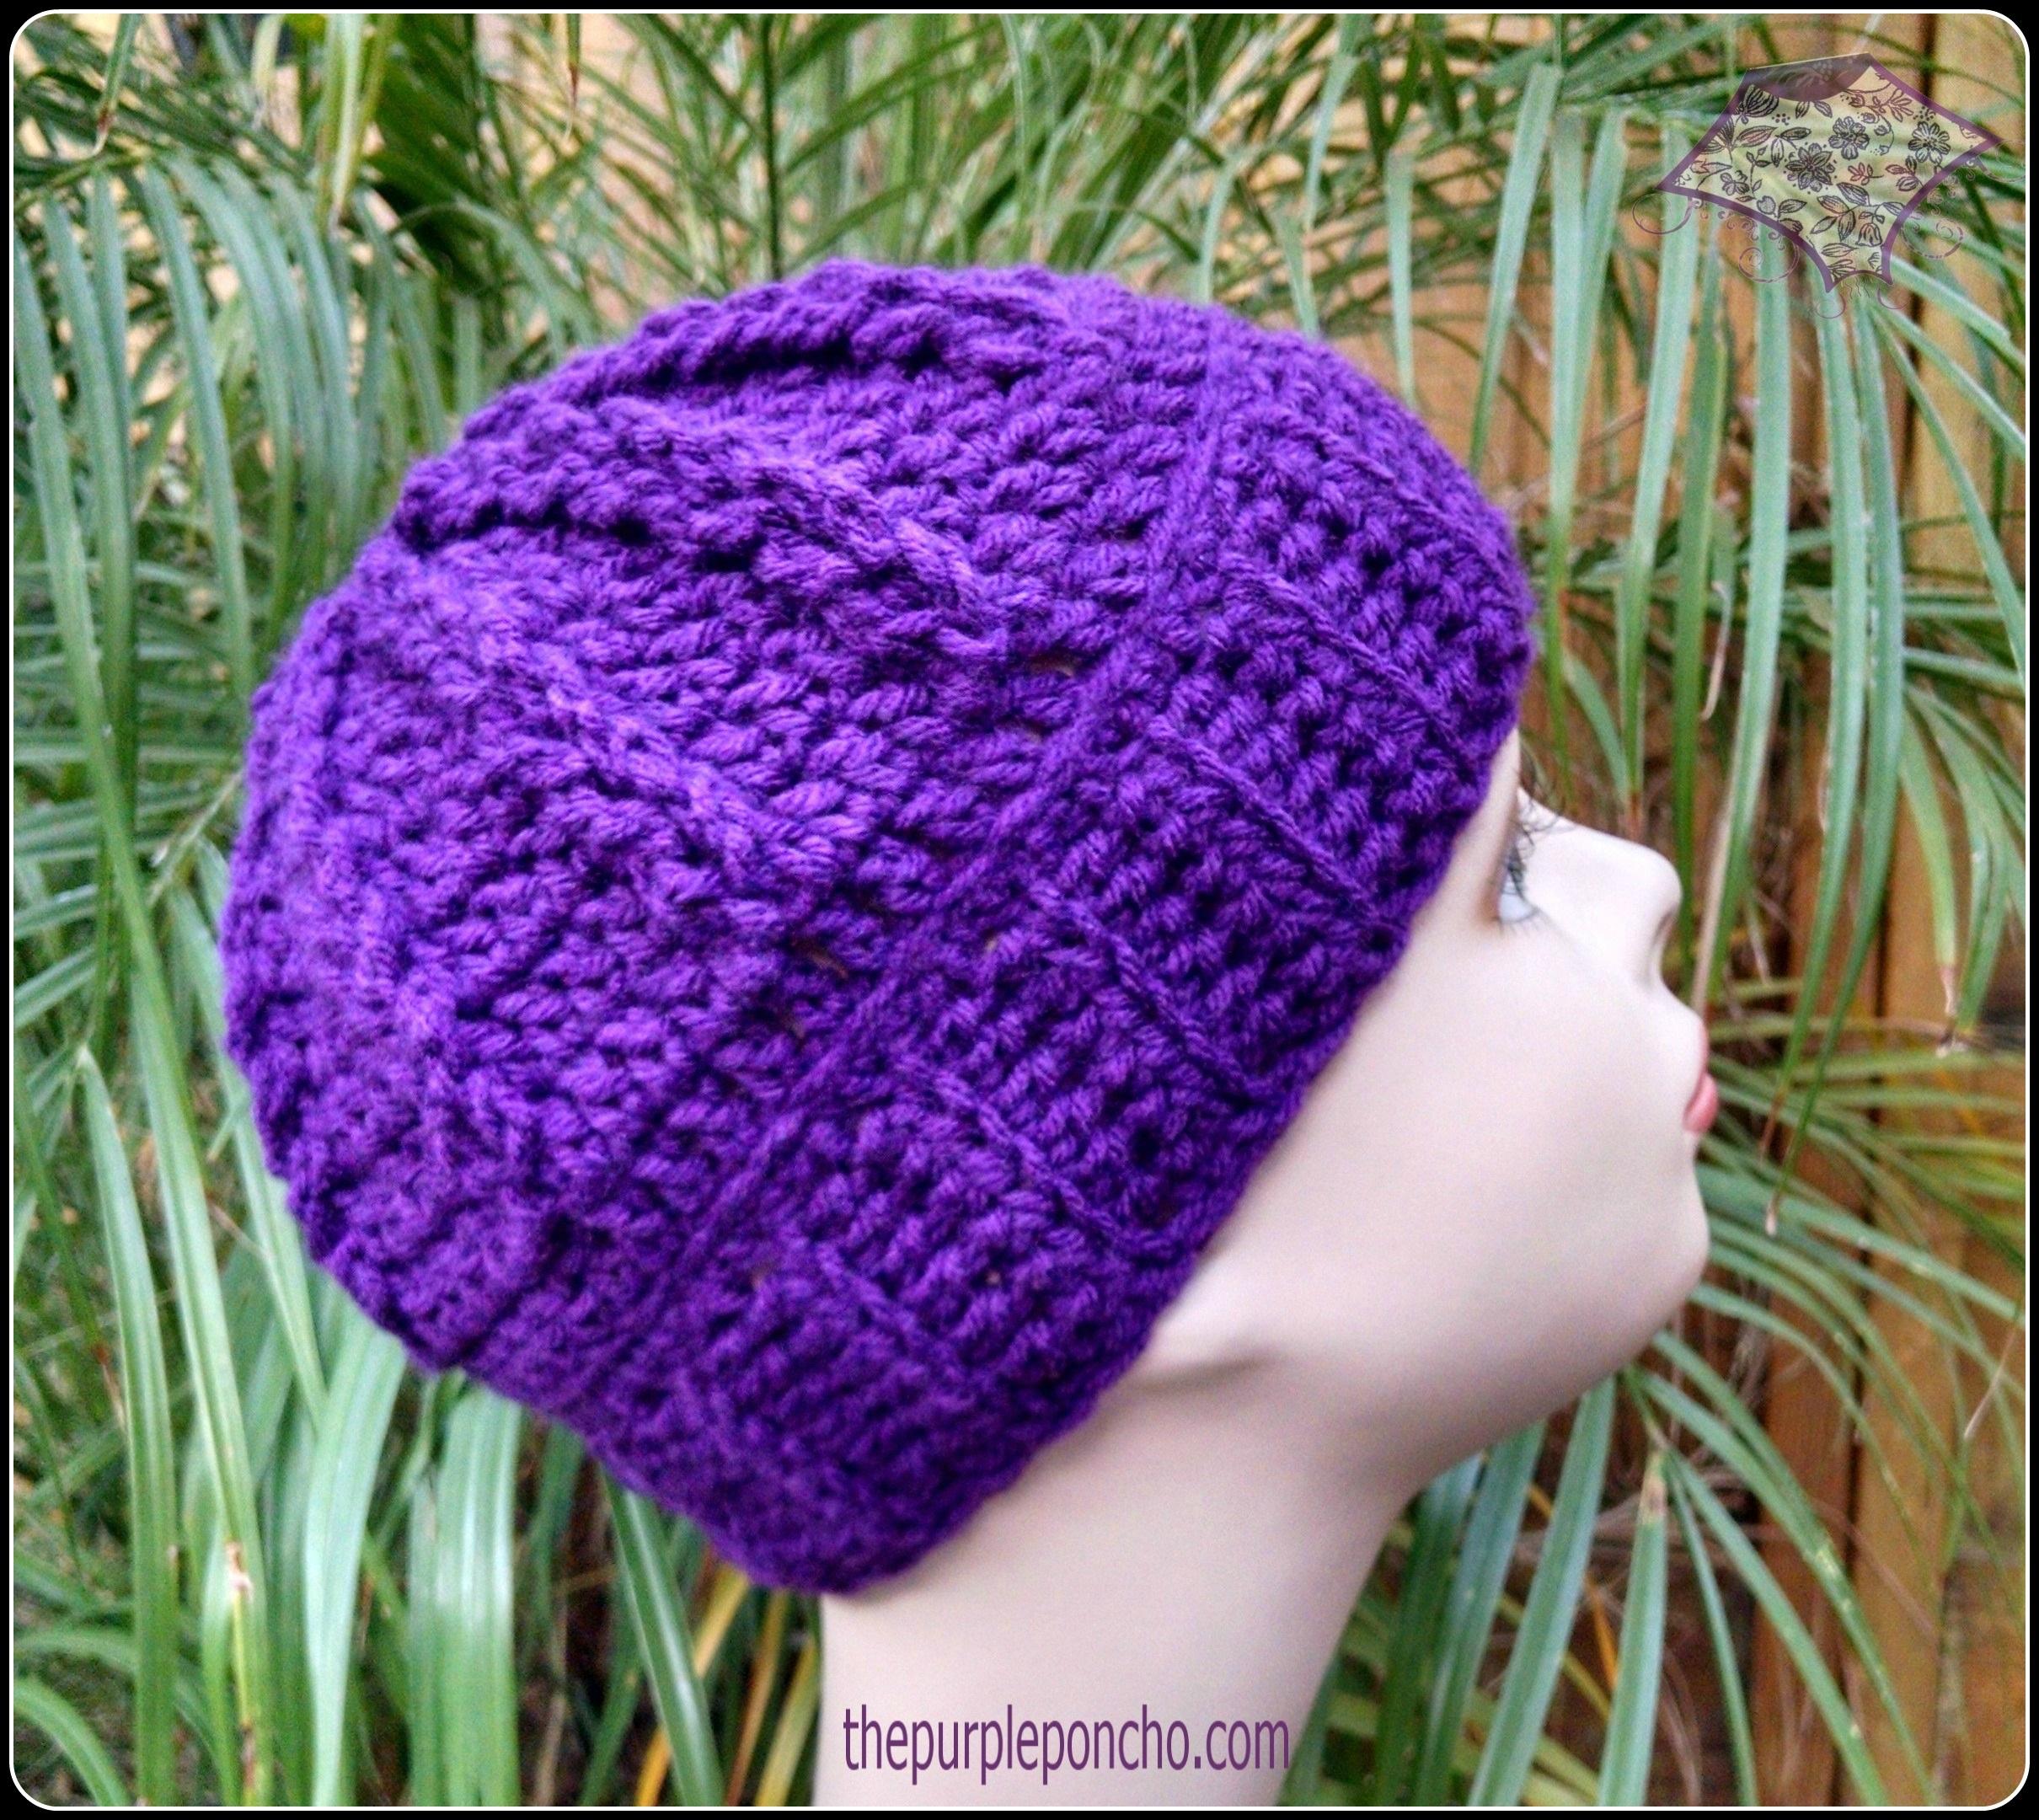 Crochet Patterns Braids : Climbing Braids Beanie - Crochet Pattern